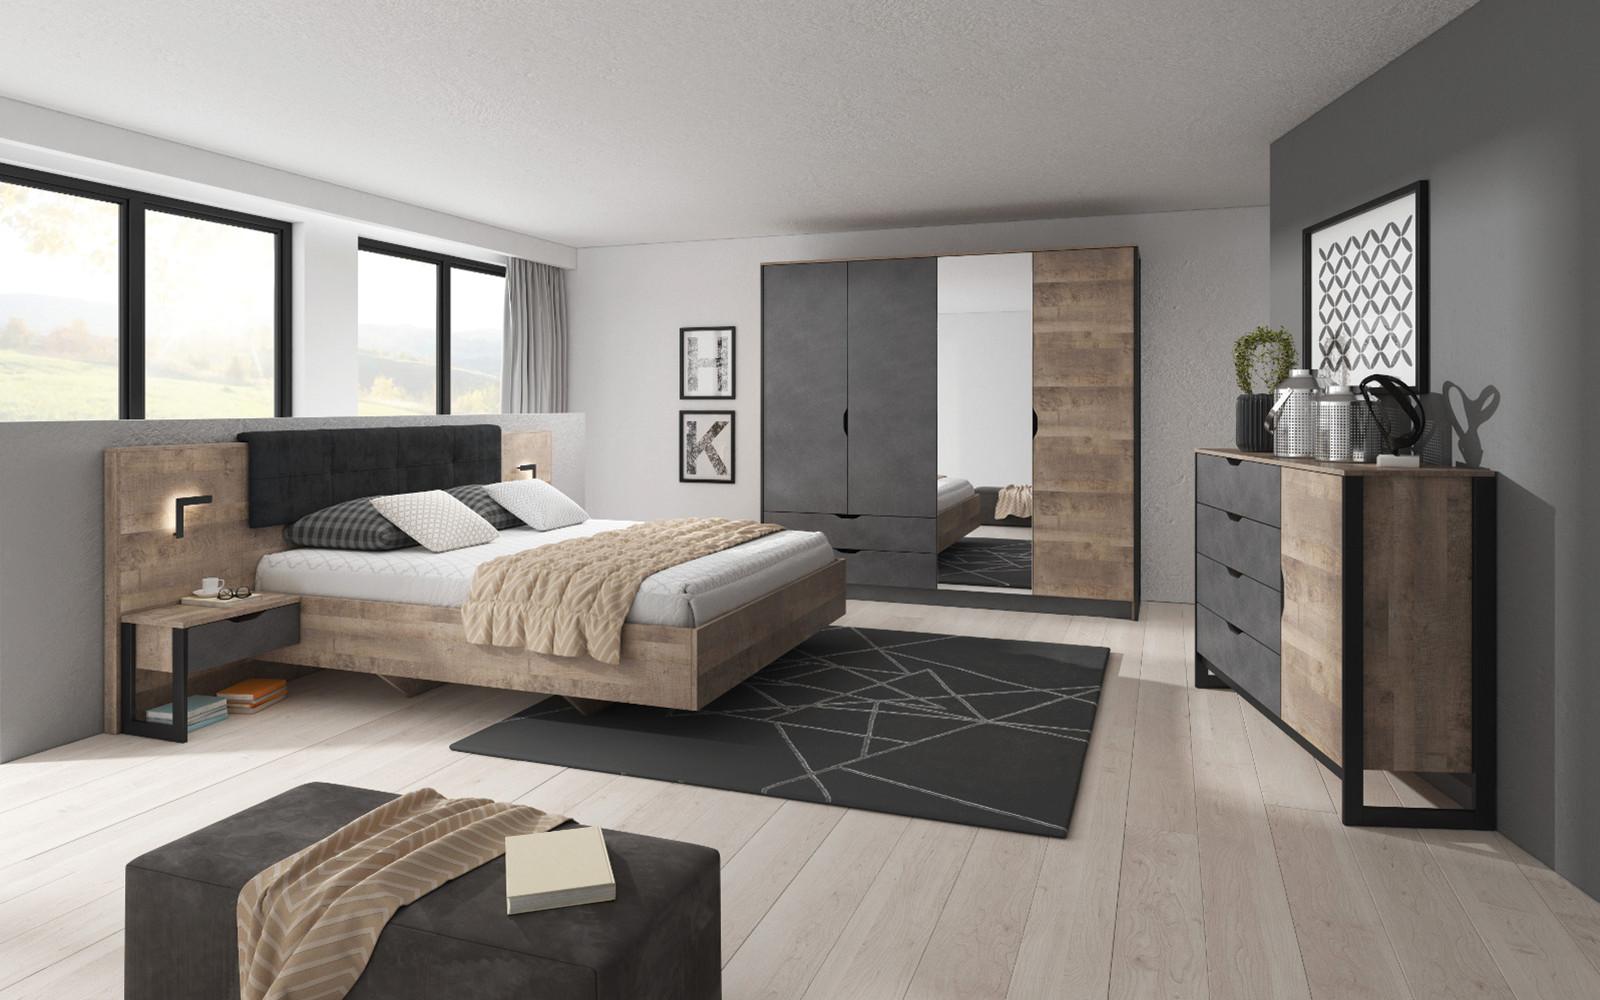 Chambre complète ANDERSIA Chêne vieilli et graphite